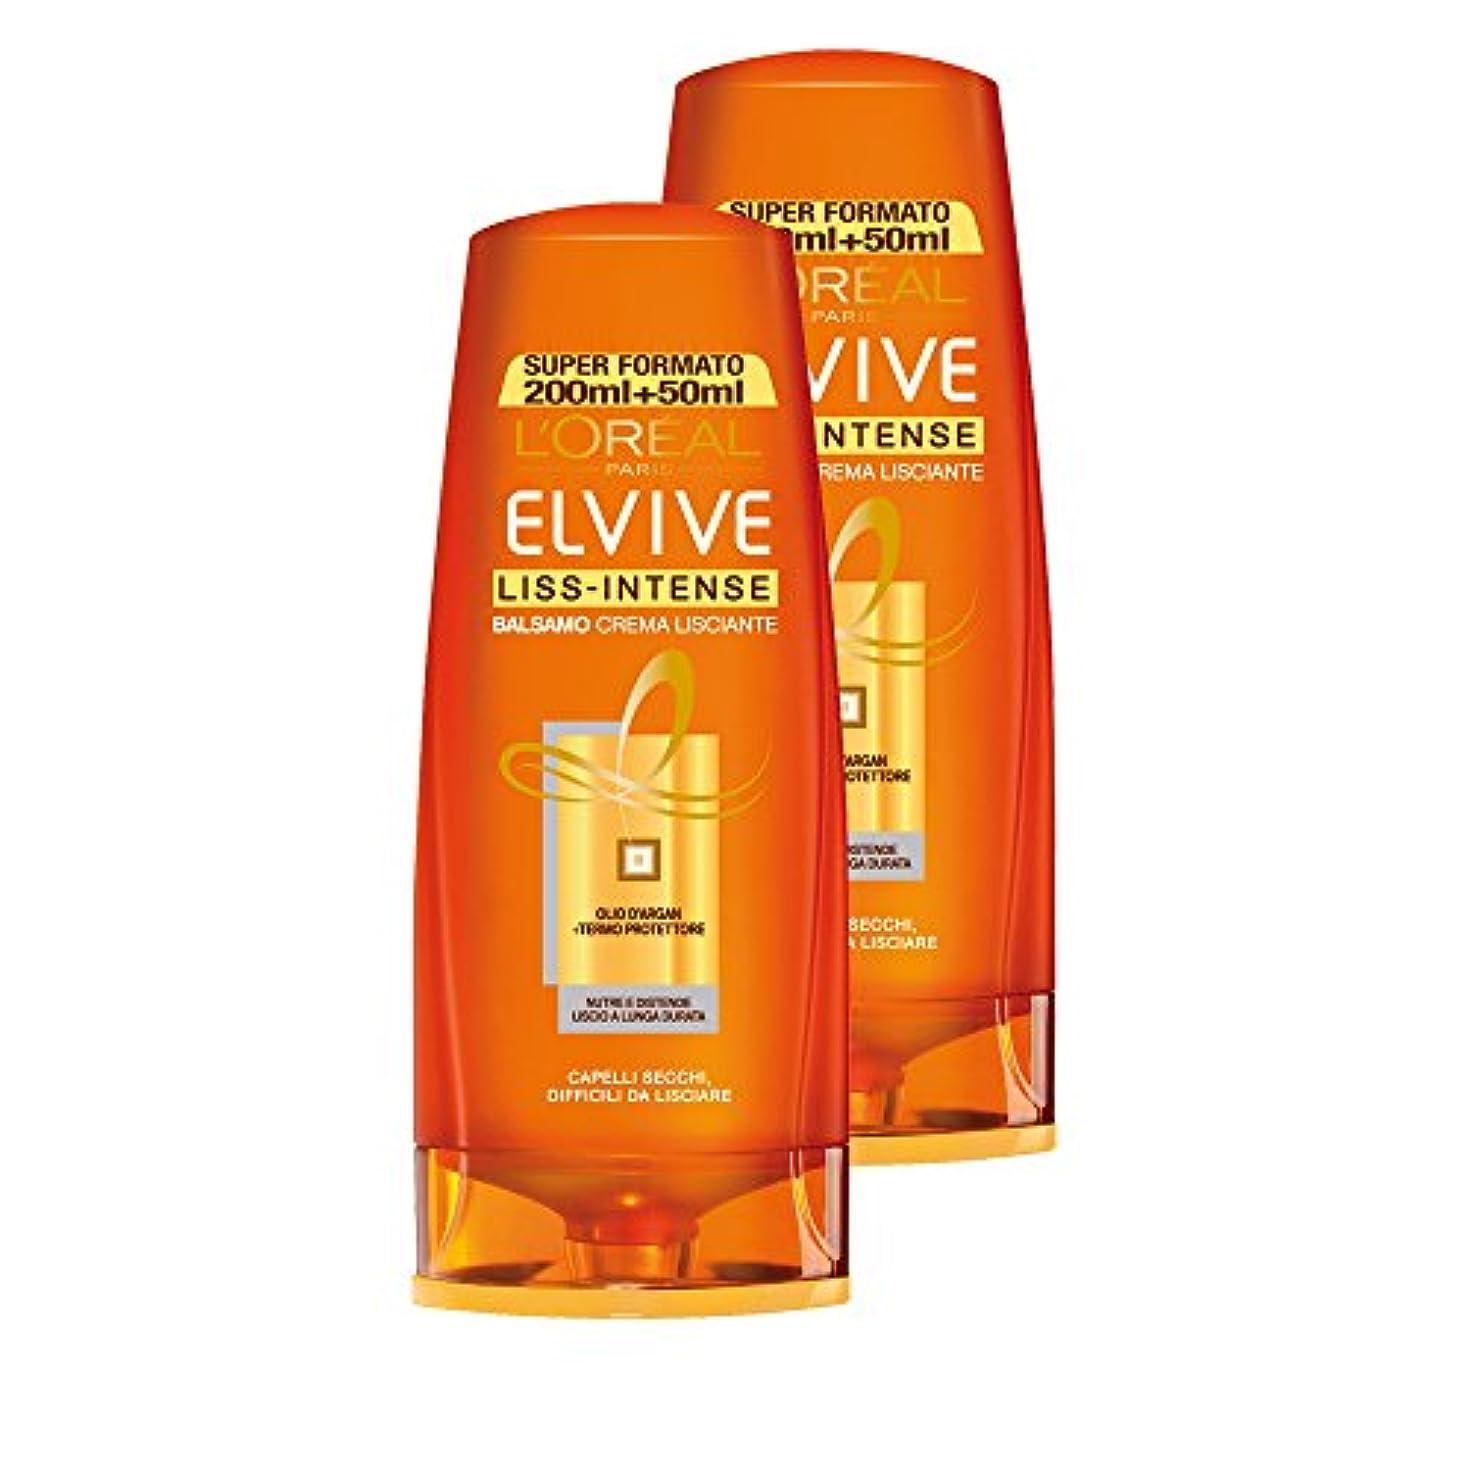 おもてなしヒロイン車L 'OréalParis Elvive LISS-INTENSEバームクリームヘアサロン乾燥、なめらかにするのが難しい、3パック2 x 250 ml、合計:1500 ml